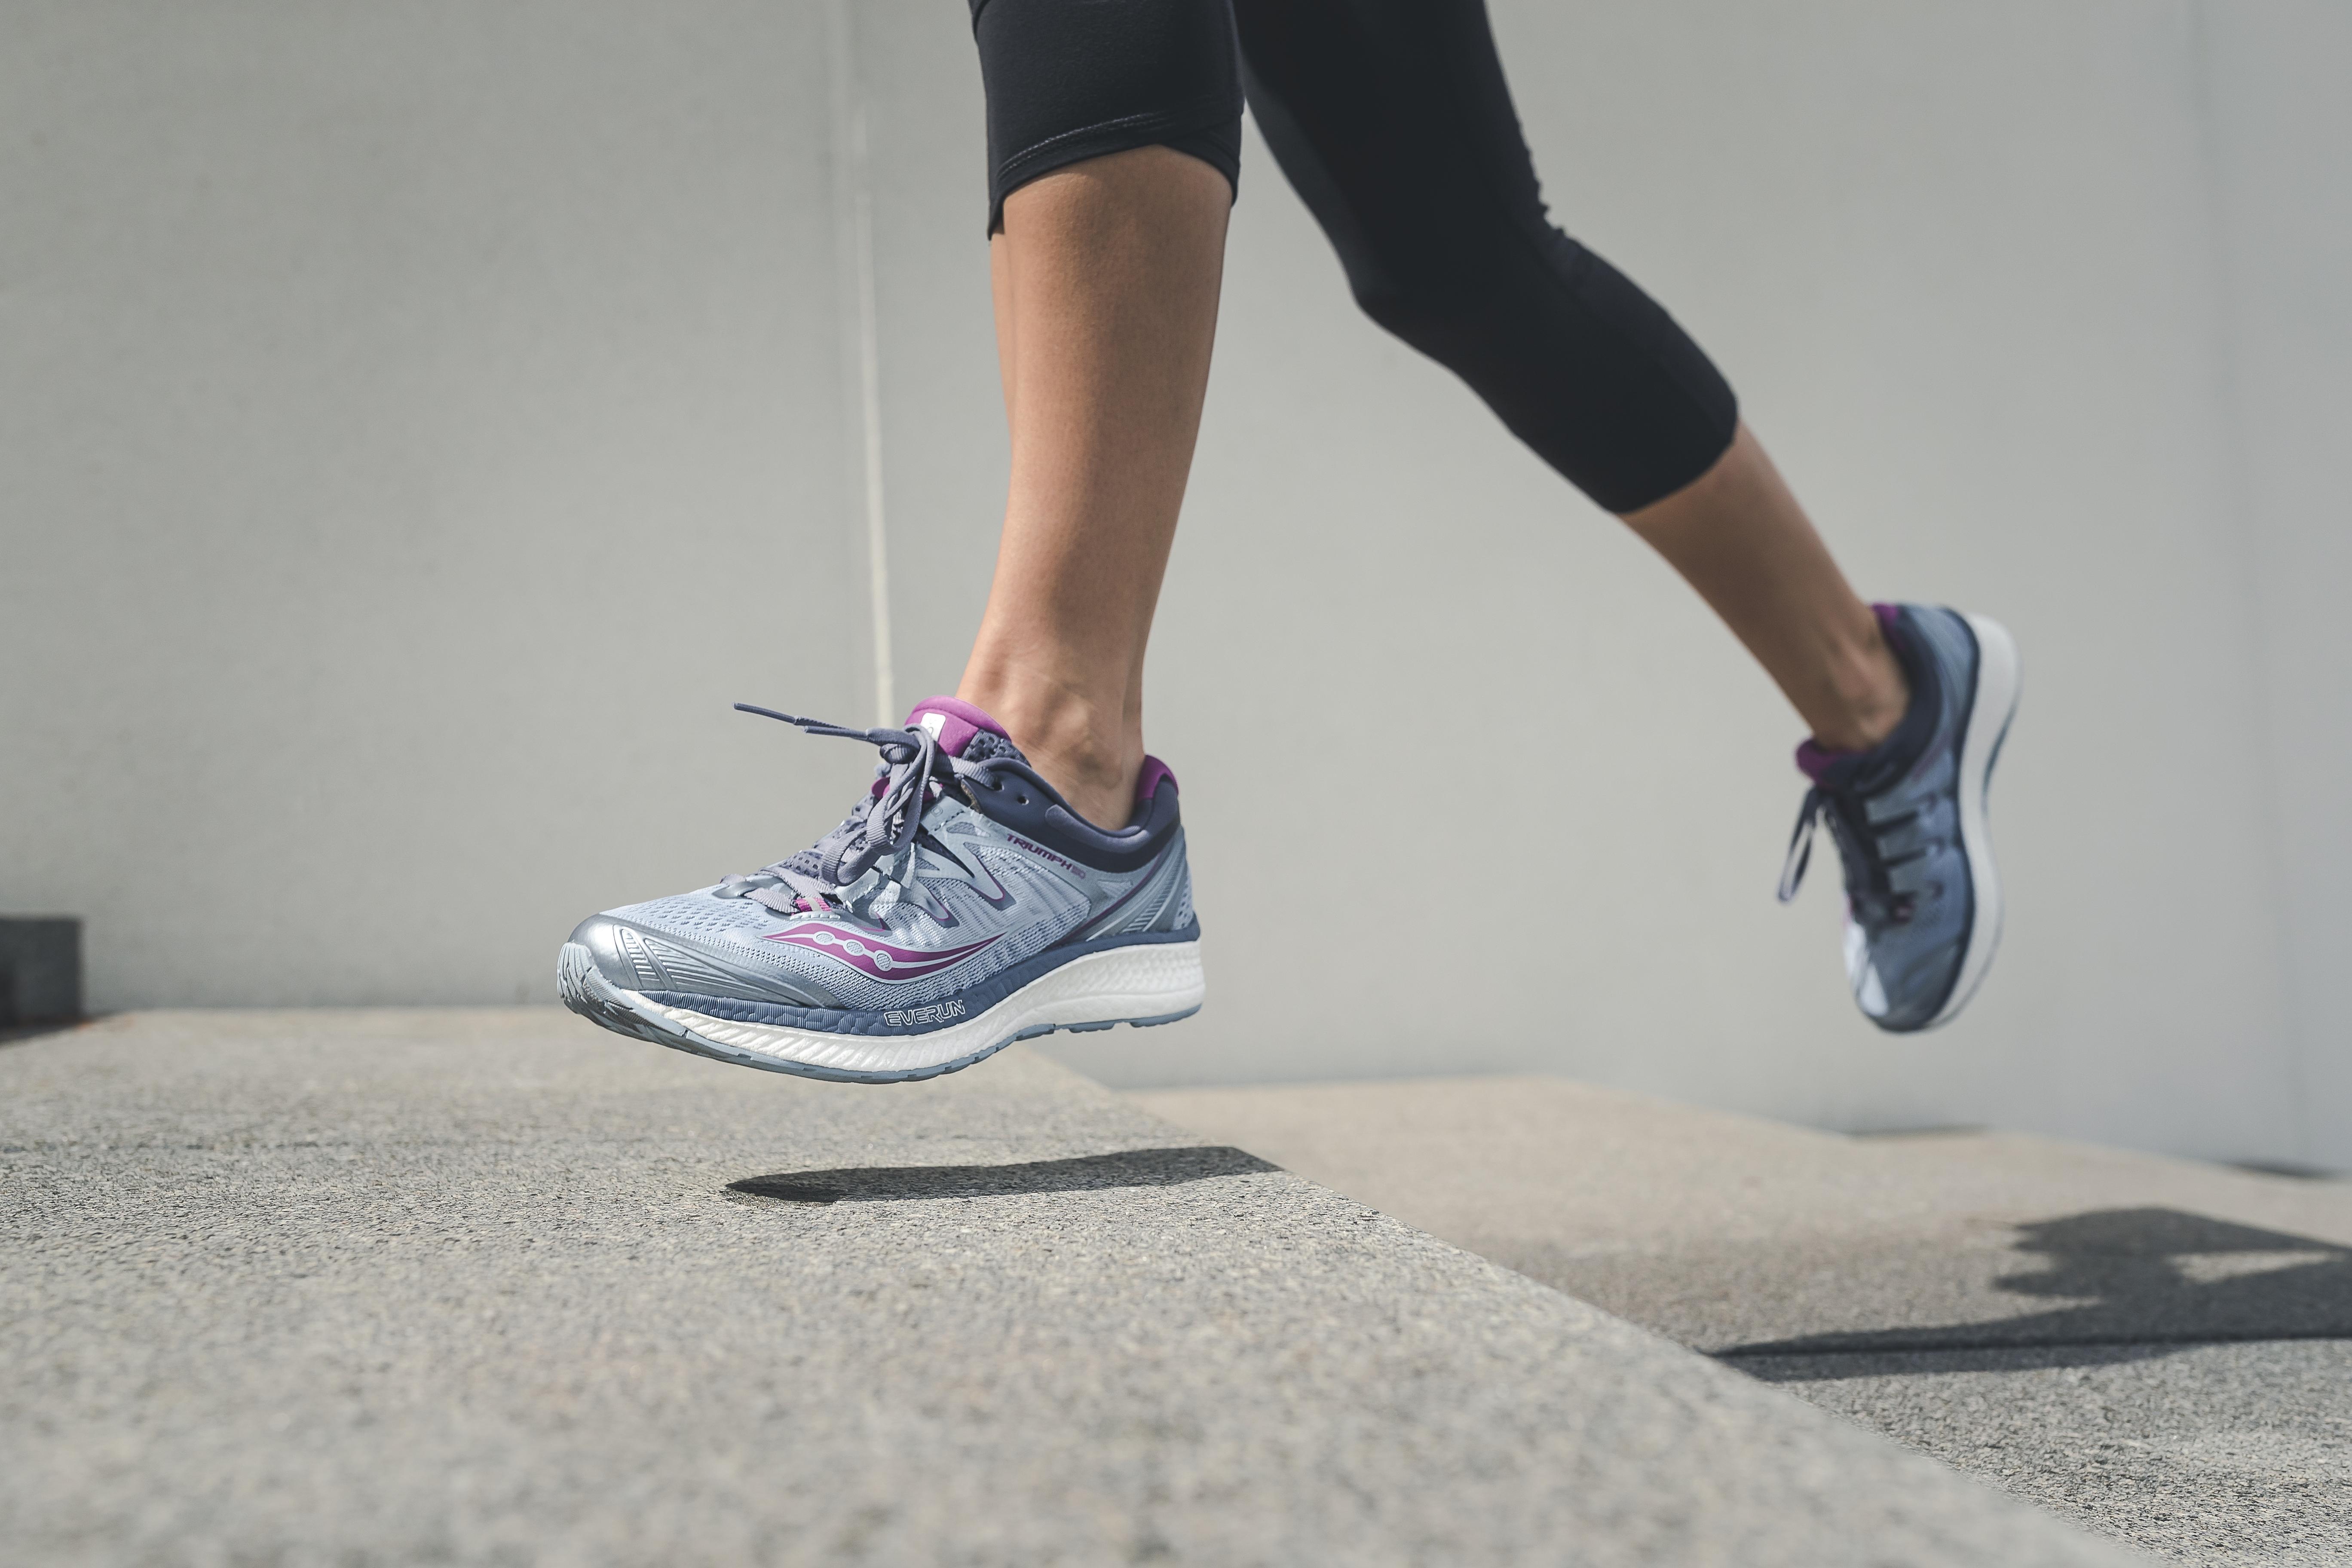 Saucony Triumph ISO 4: Better Fit, Better Feel, Better Run